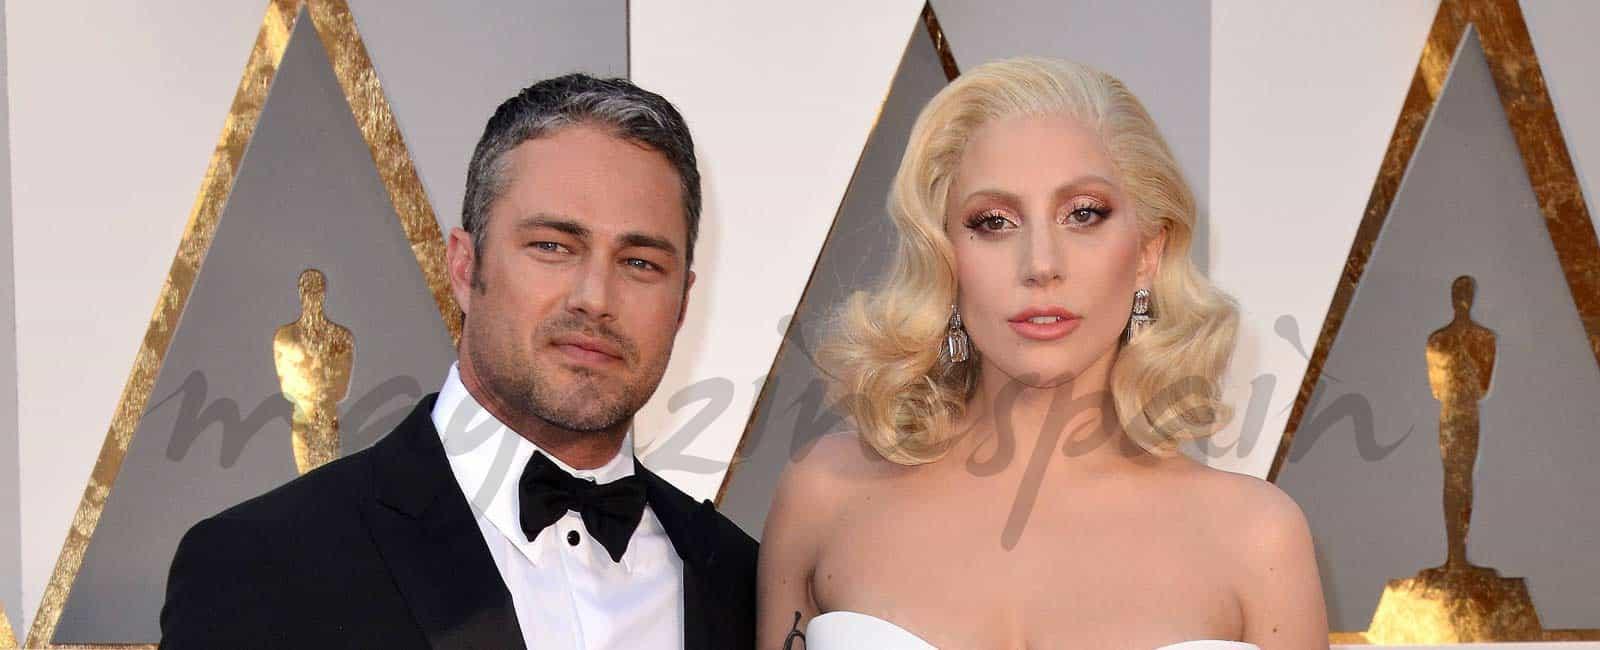 Lady Gaga y Taylor Kinney ponen fin a su relación